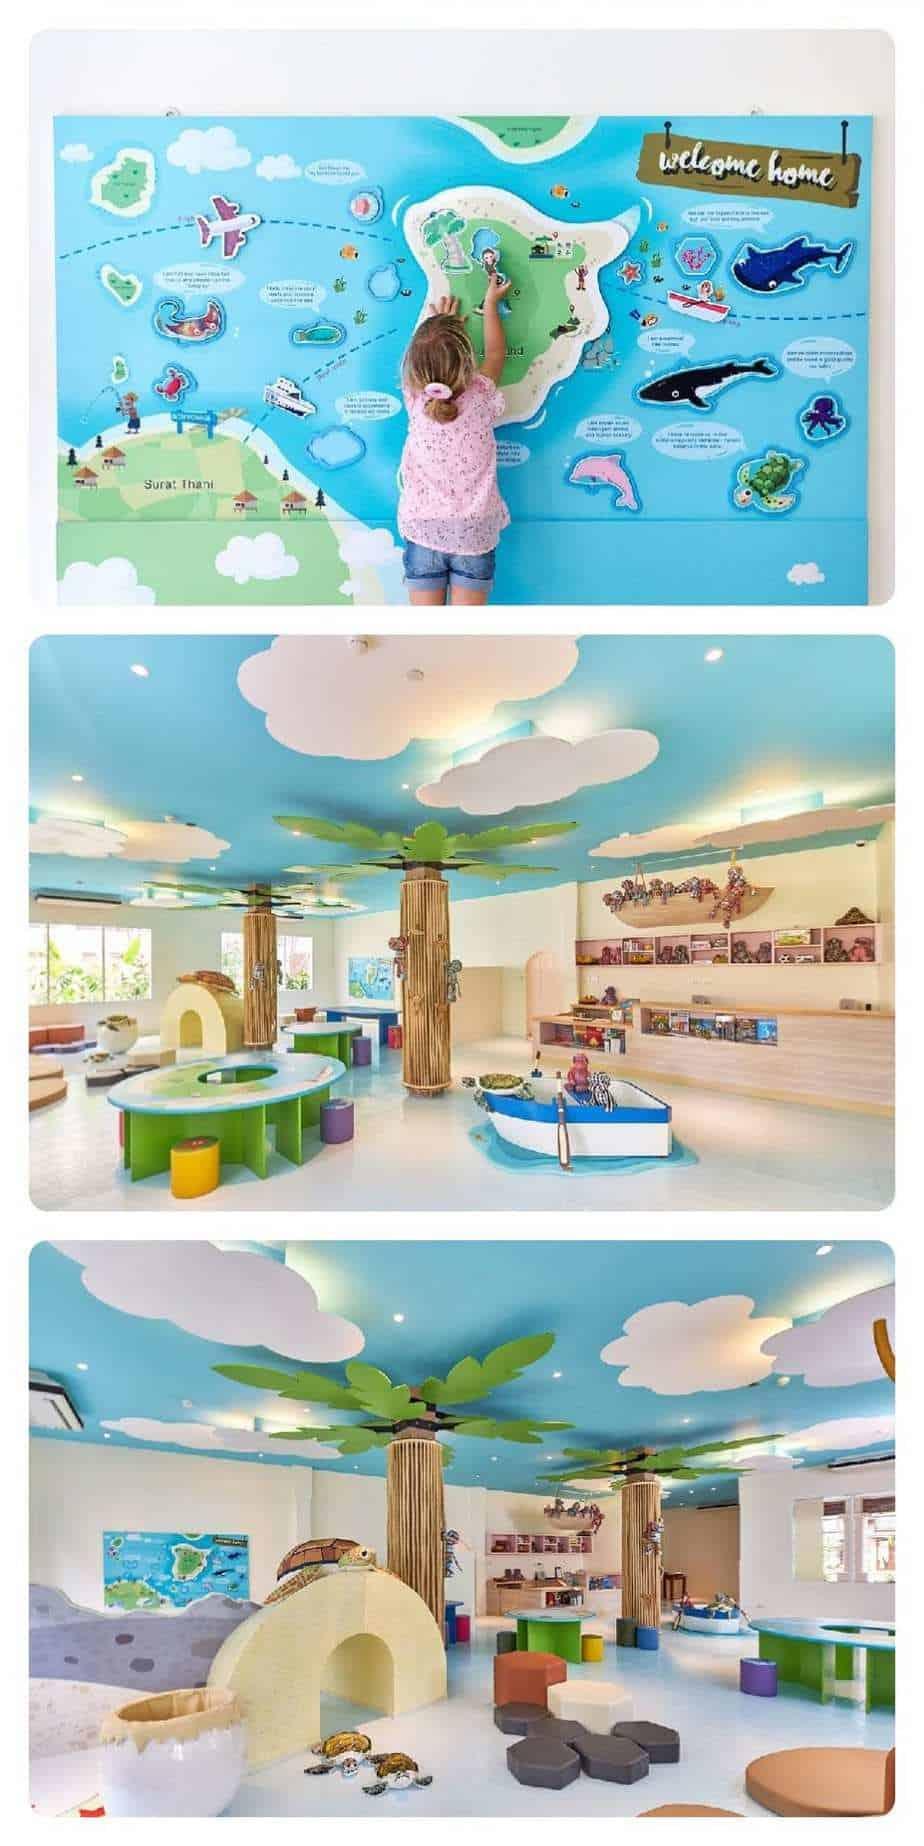 מלונות בקו סמוי למשפחות עם ילדים Bandara Resort & Spa מועדון הילדים - תמונות מתוך האתר הרשמי